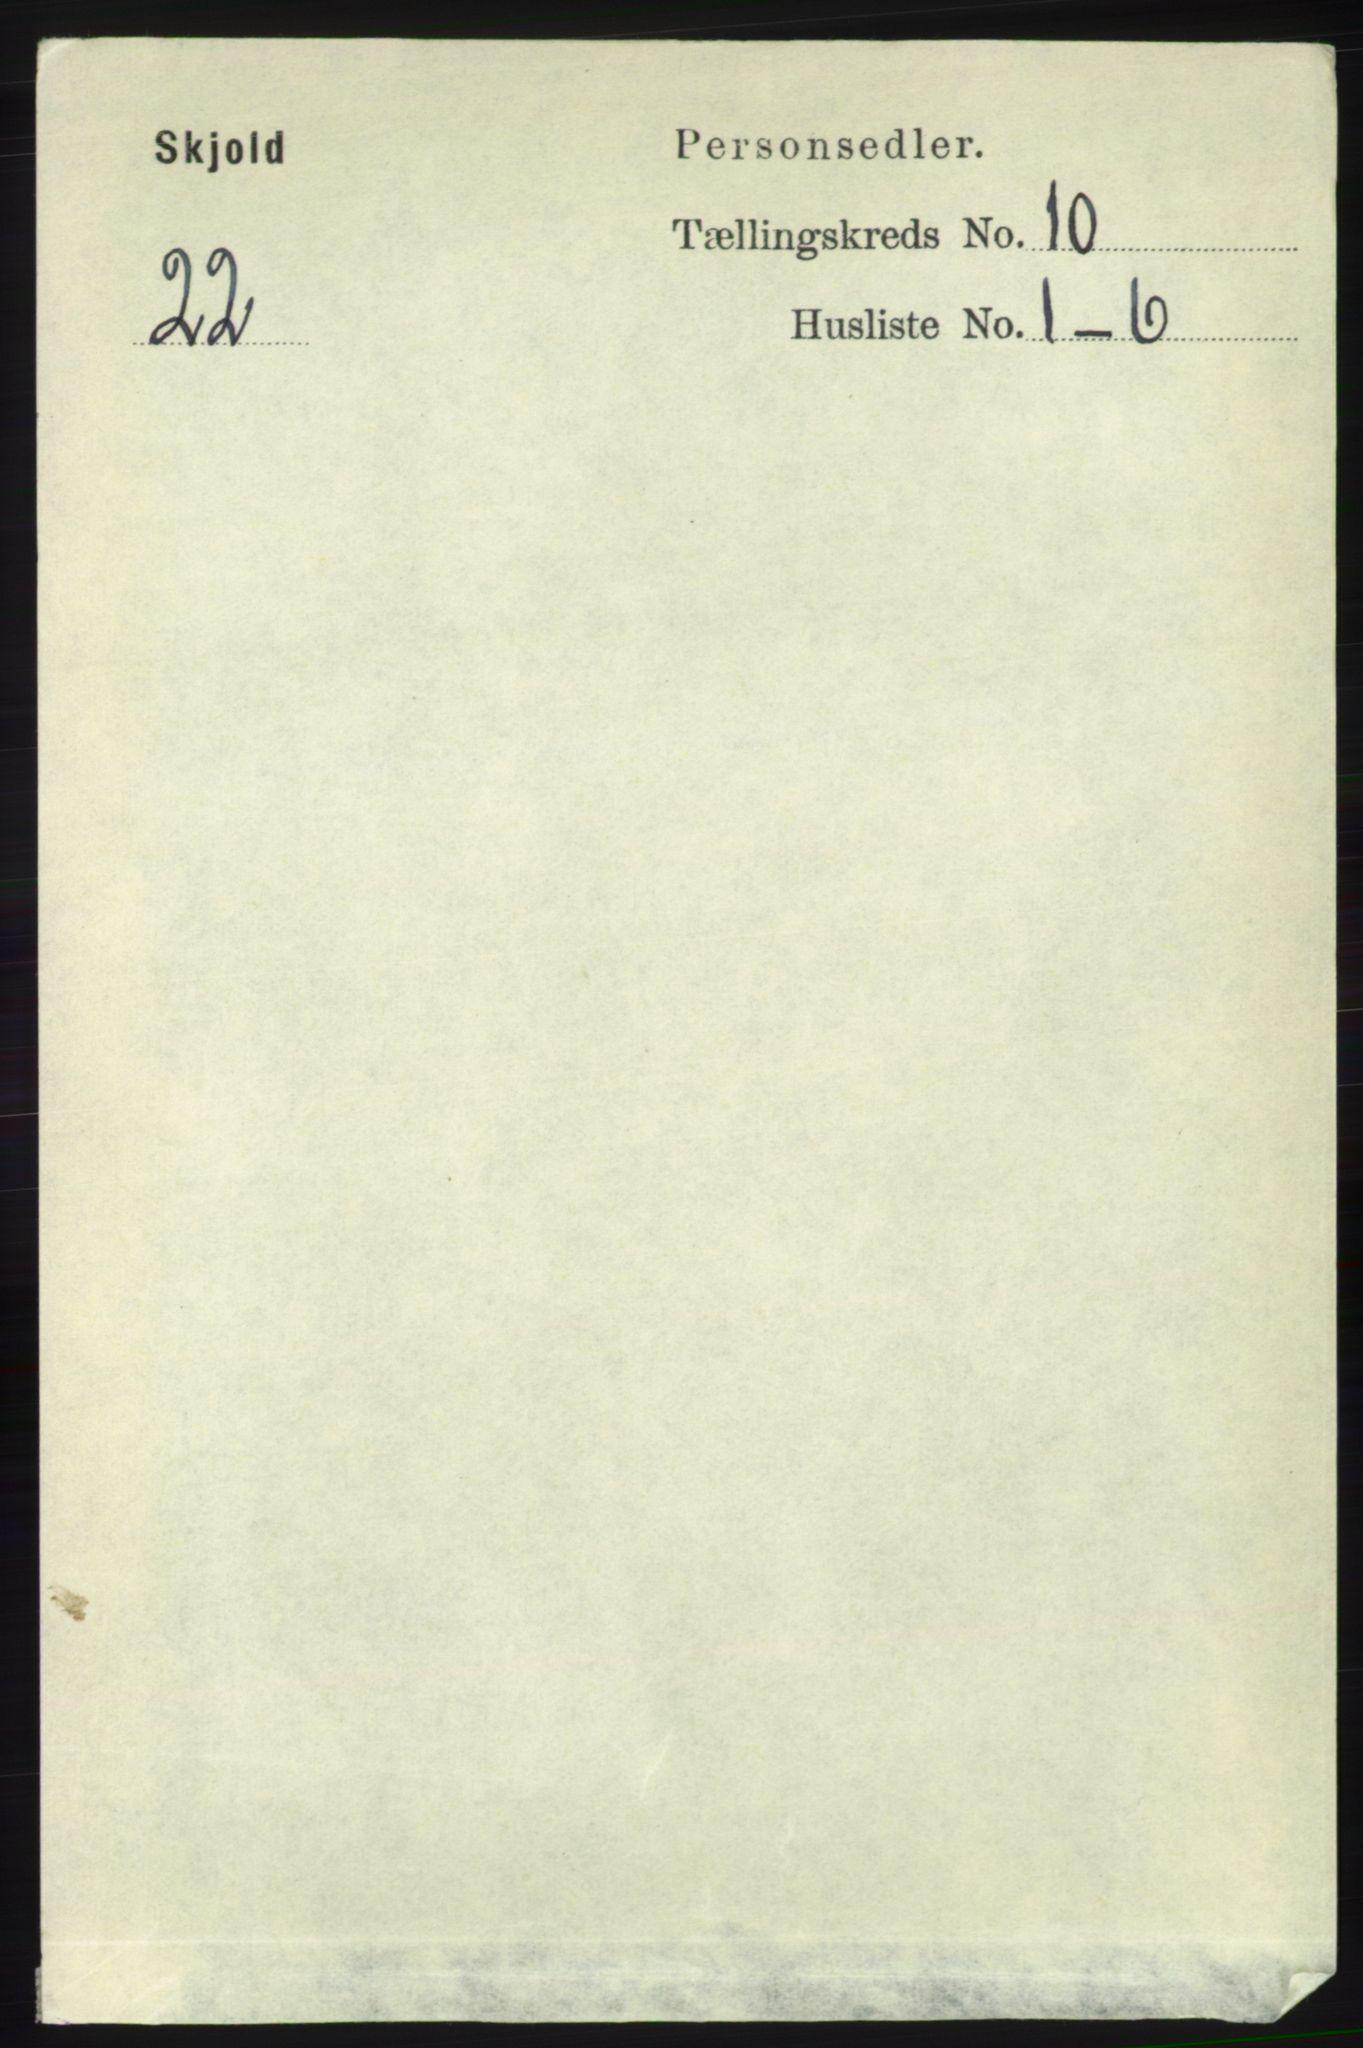 RA, Folketelling 1891 for 1154 Skjold herred, 1891, s. 1998